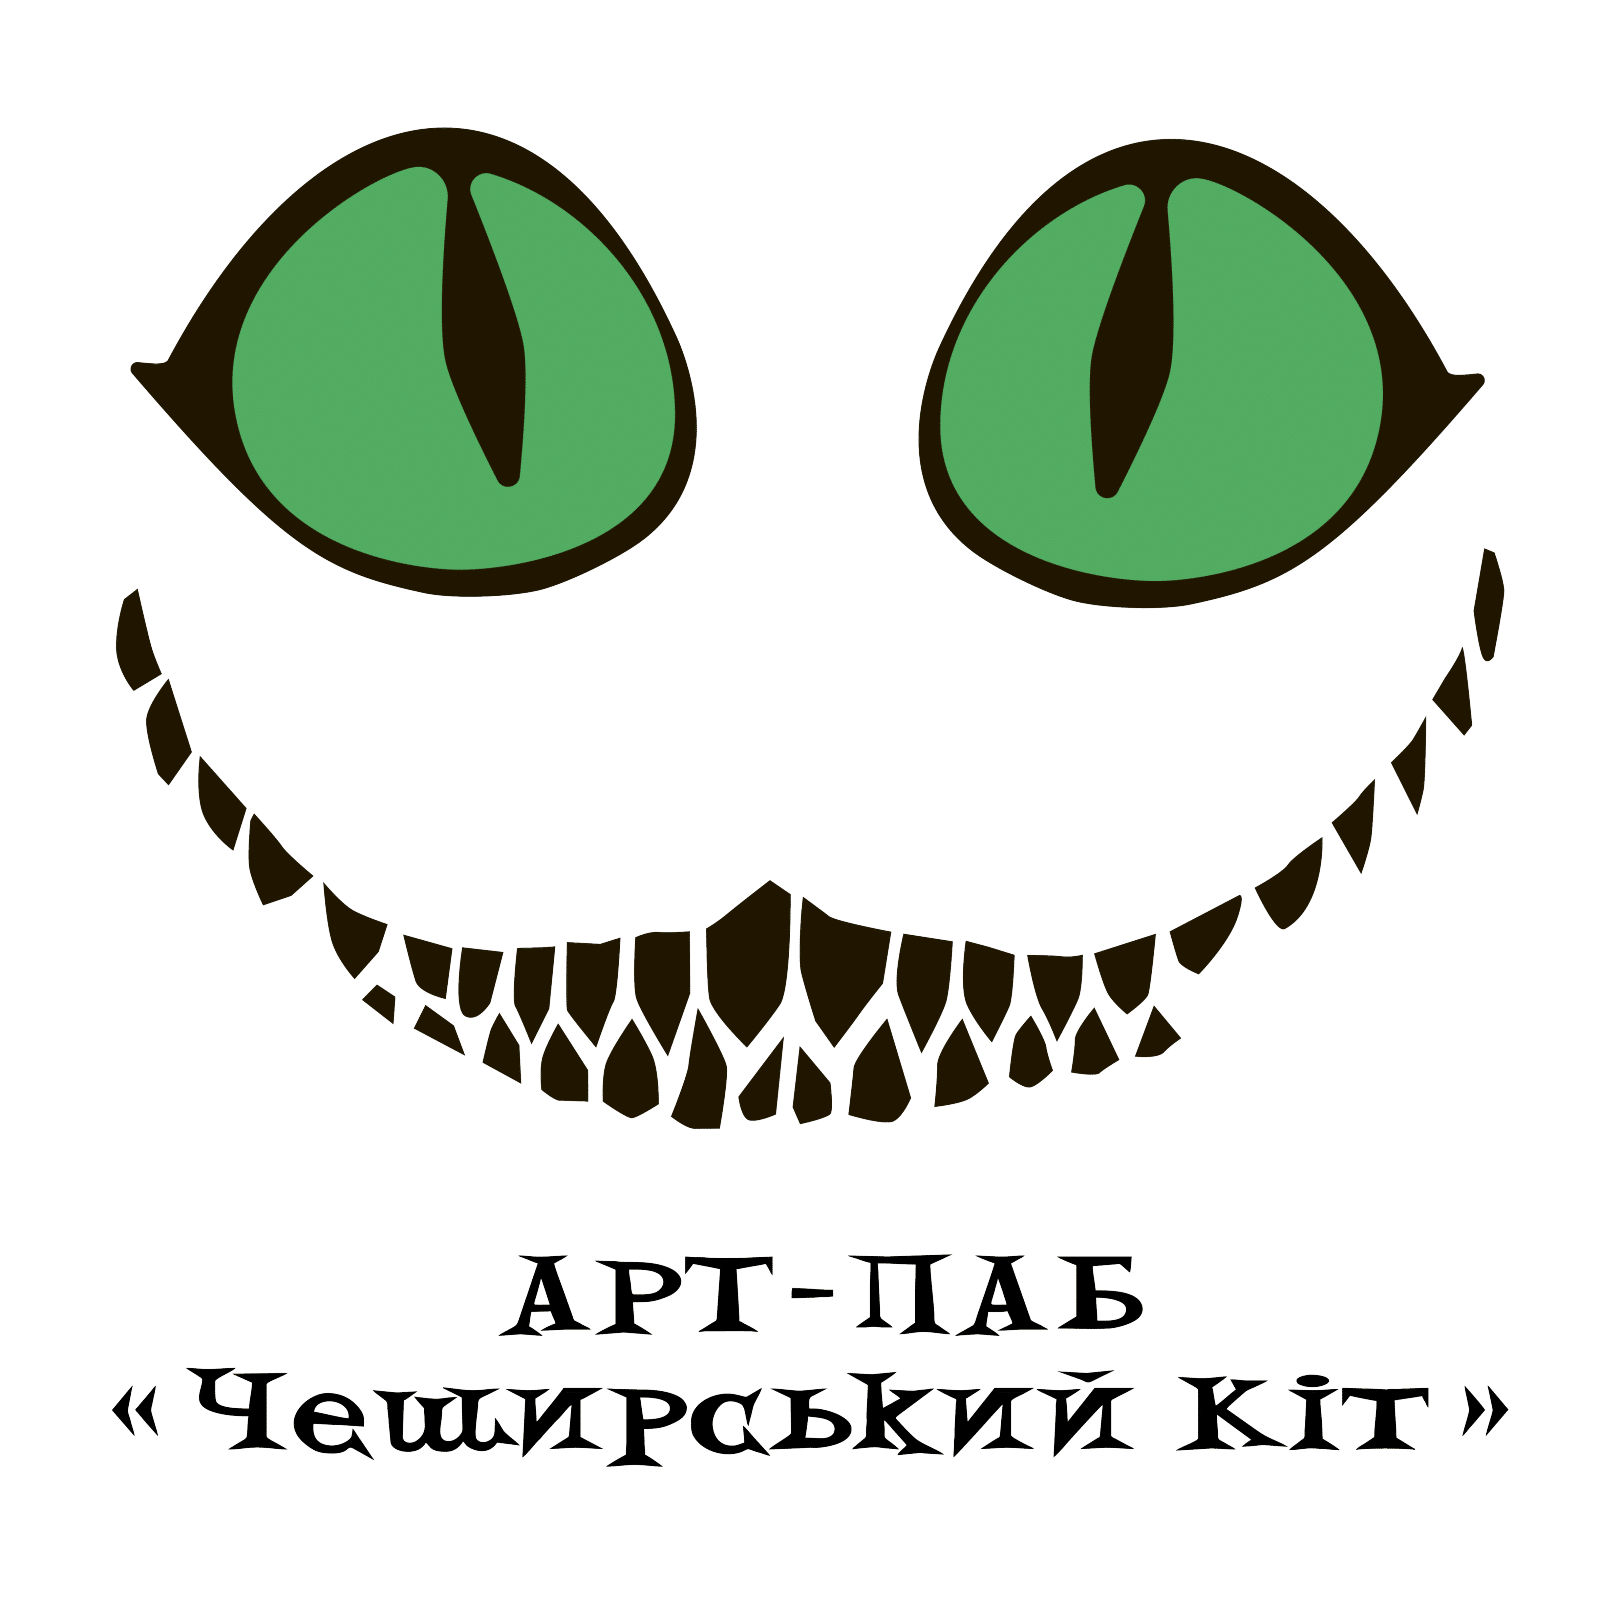 Арт-паб